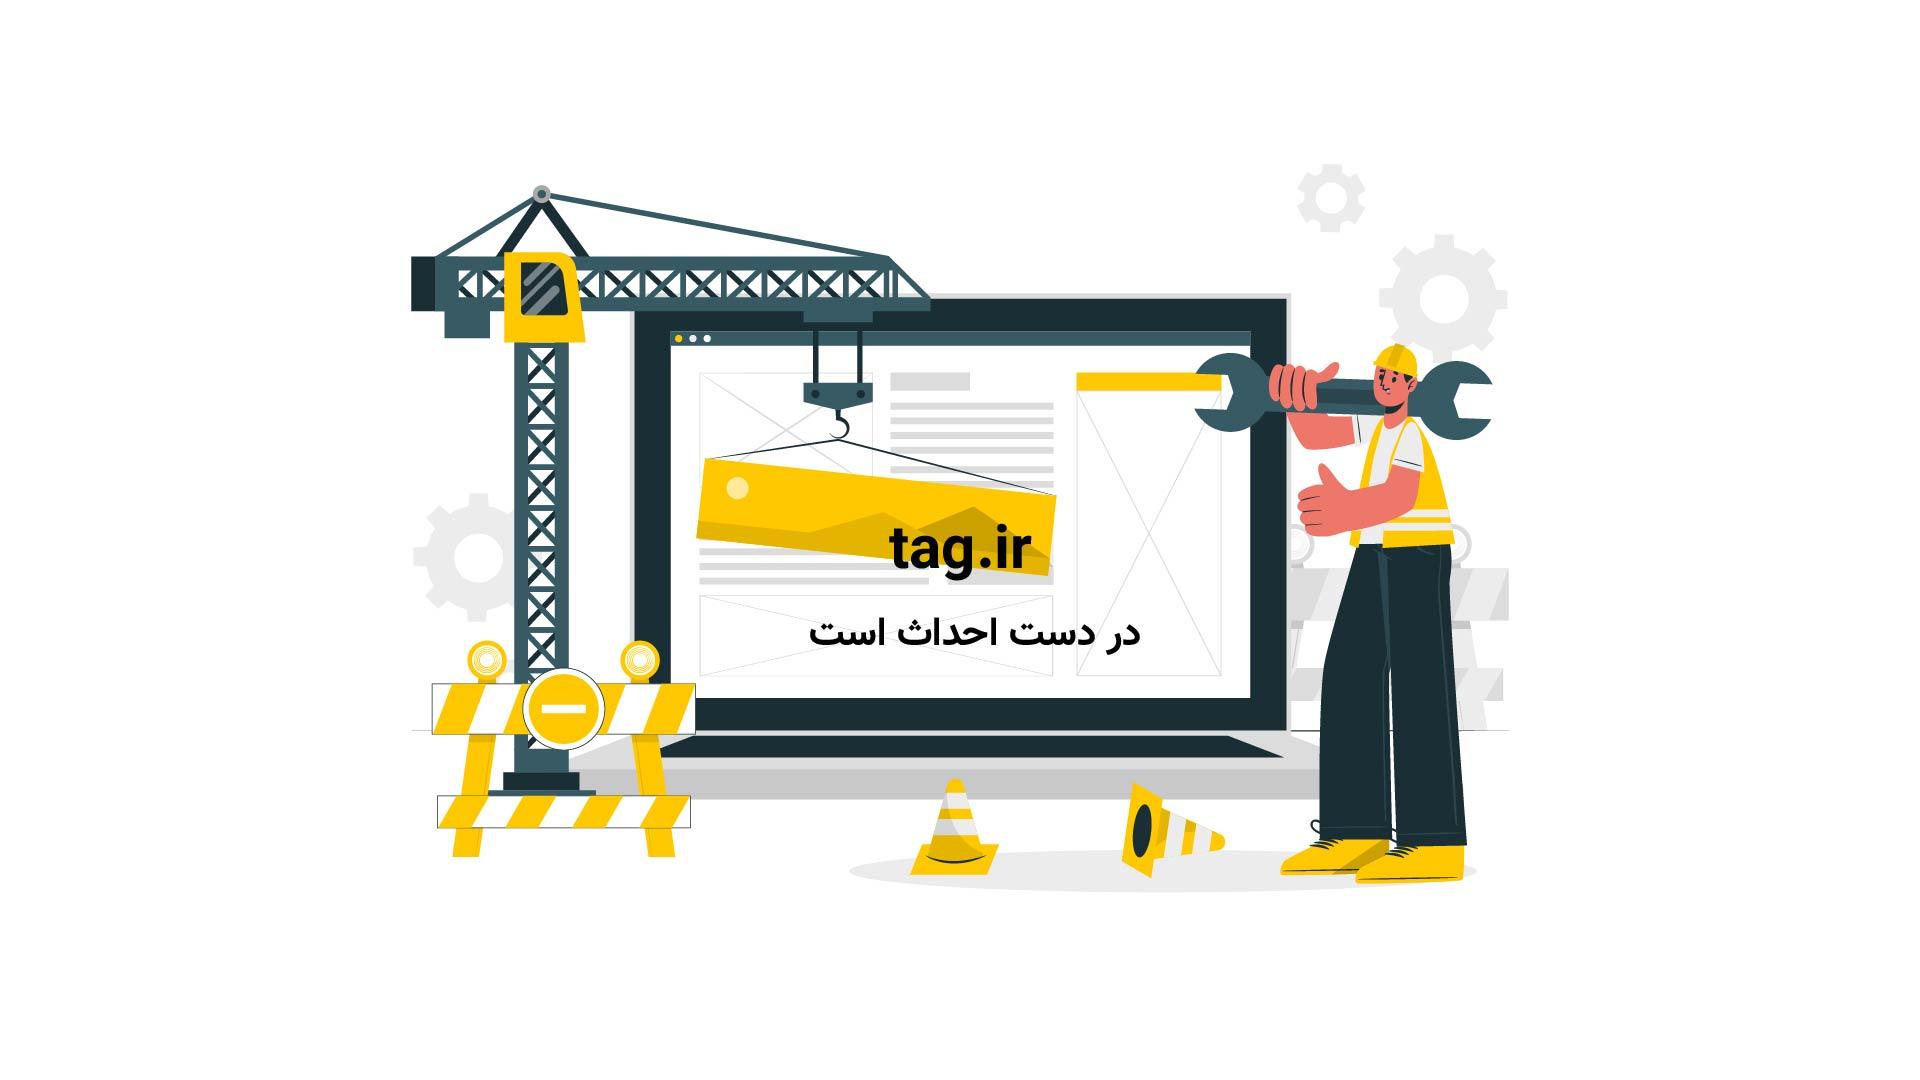 شکار گوساله کَل یالدار توسط پلنگ و تلاش مادر برای نجاتش|تگ